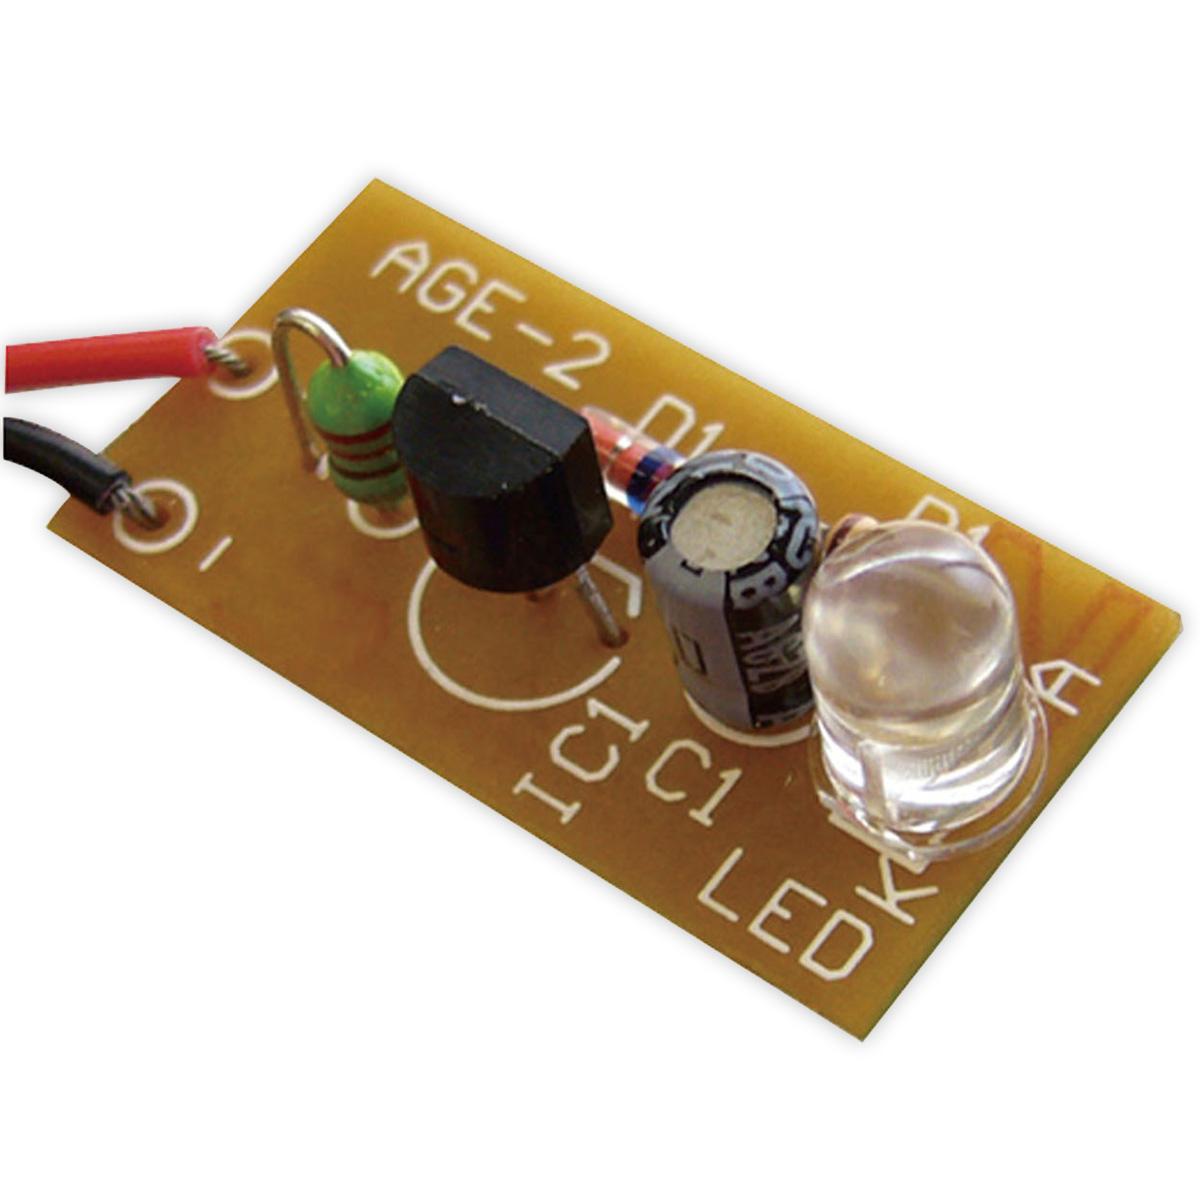 1.5V白色LED点灯キット 086867 アーテック 学校教材 基板 図工 技術 電子工作 クリスマスプレゼント